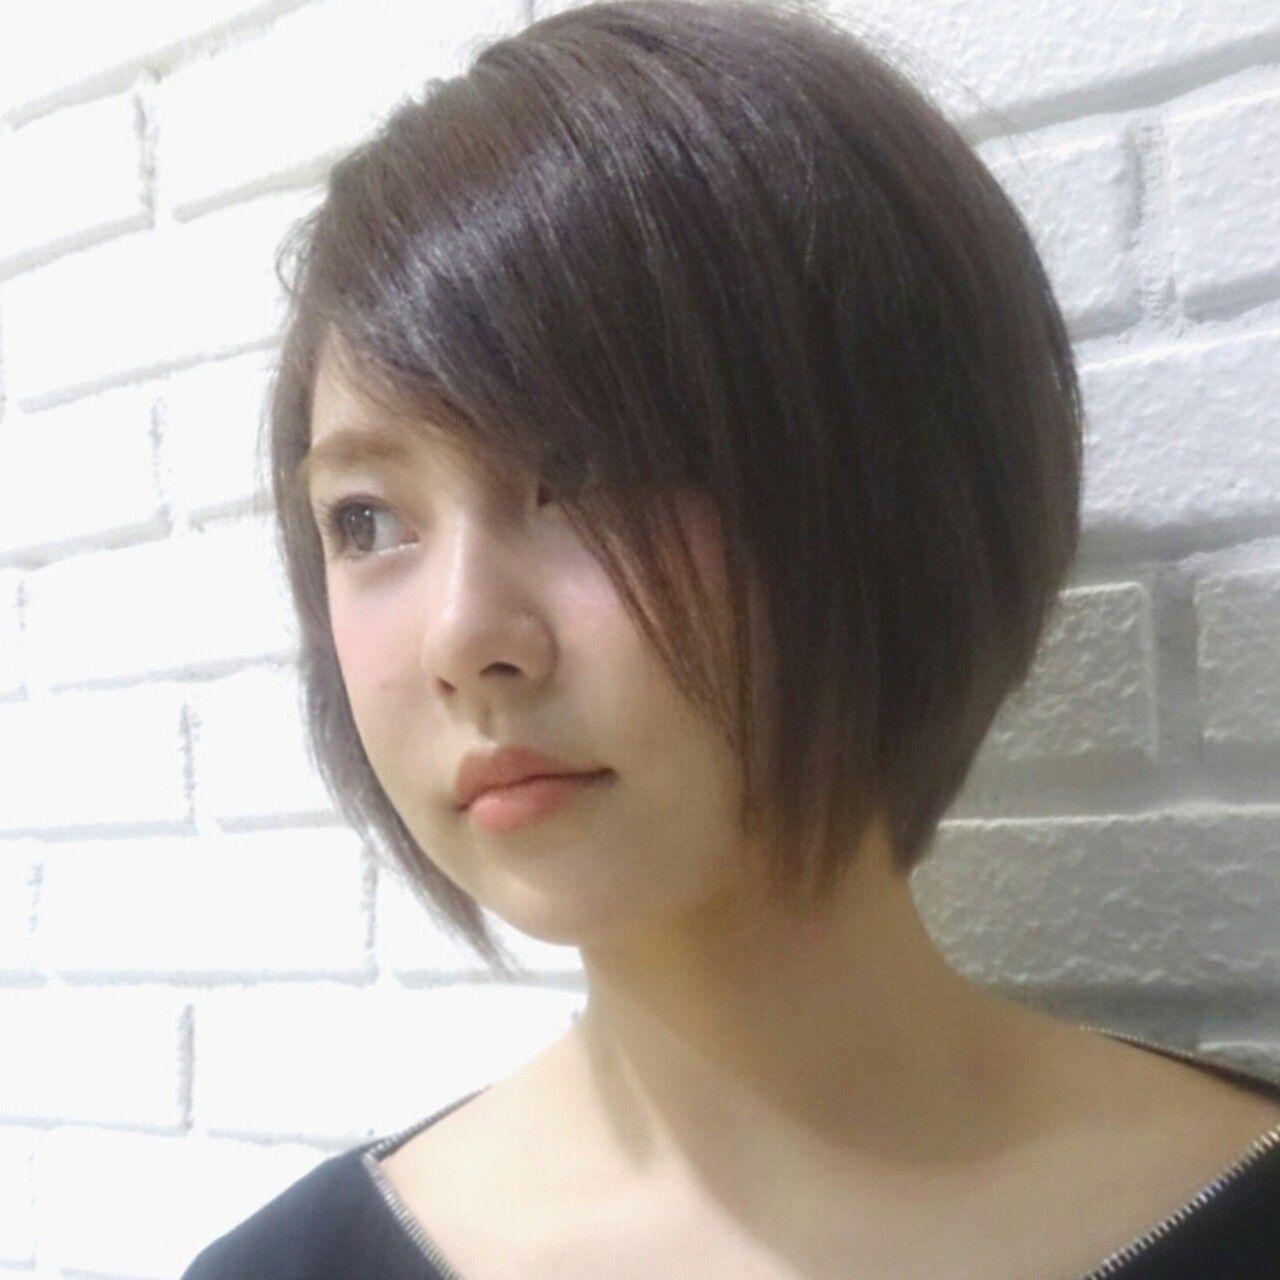 アッシュ 外国人風 大人かわいい ボブヘアスタイルや髪型の写真・画像